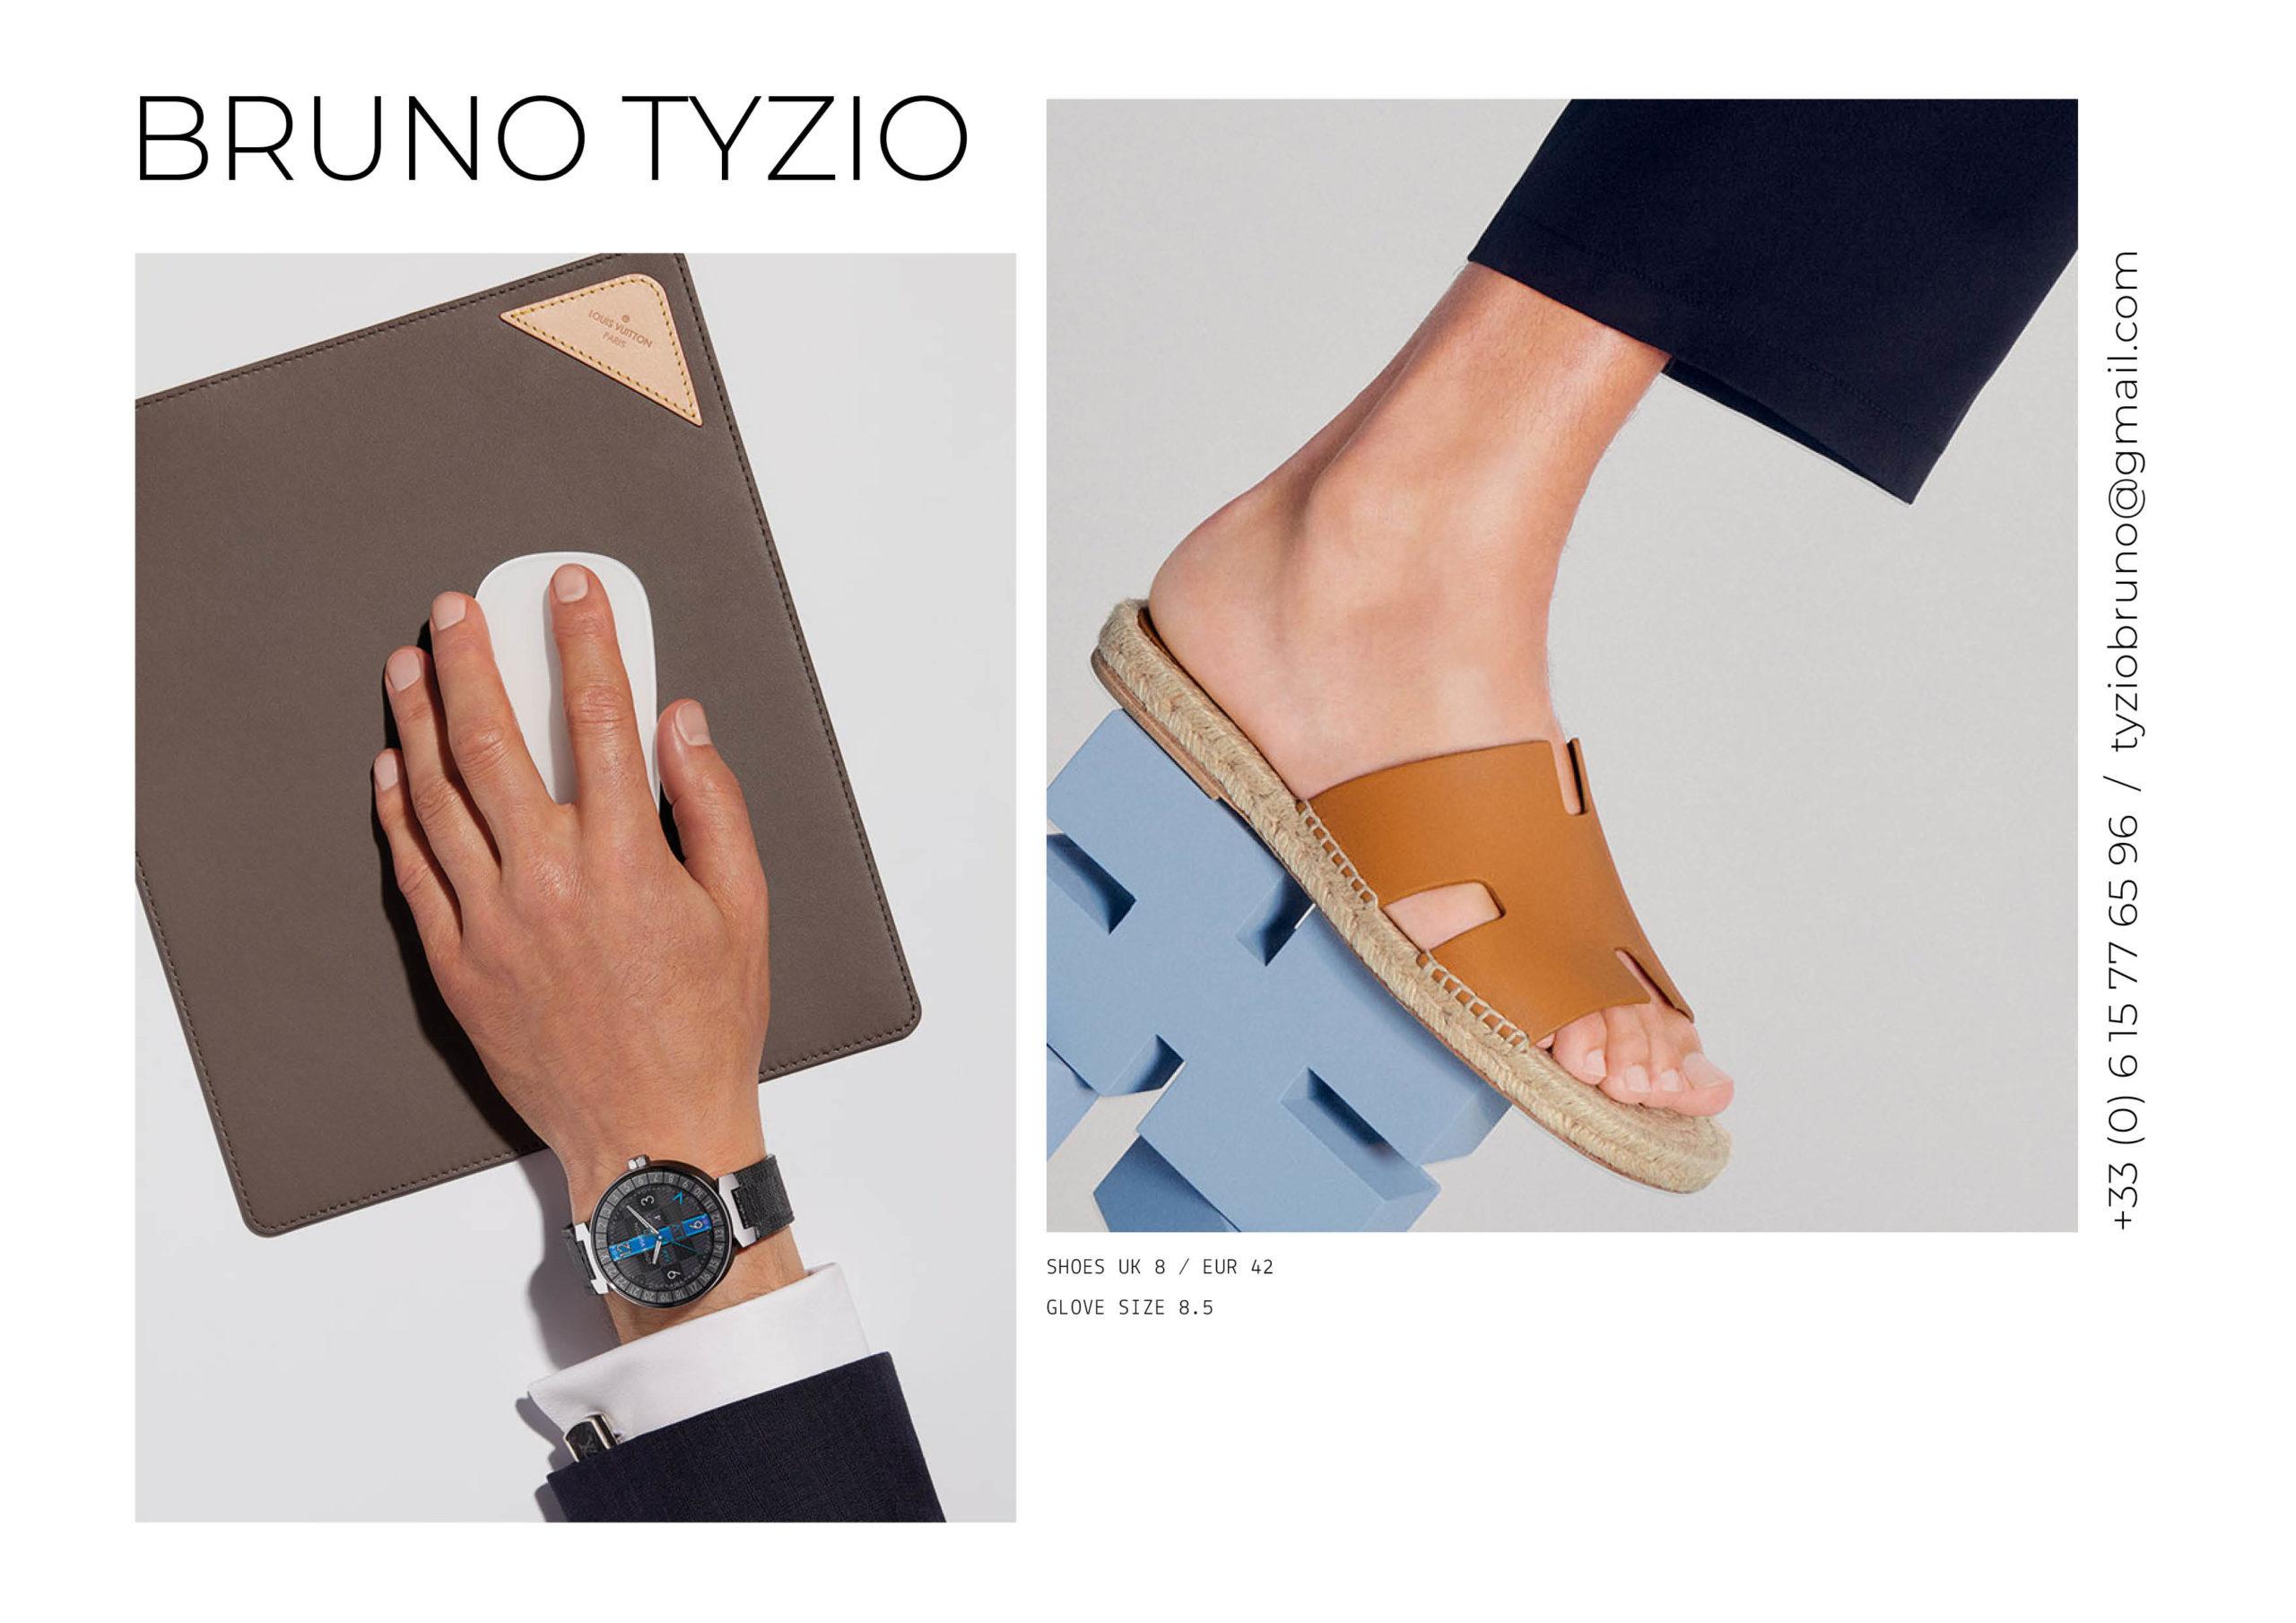 BRUNO-TYZIO-MODEL-COMPCARDS-PARTS